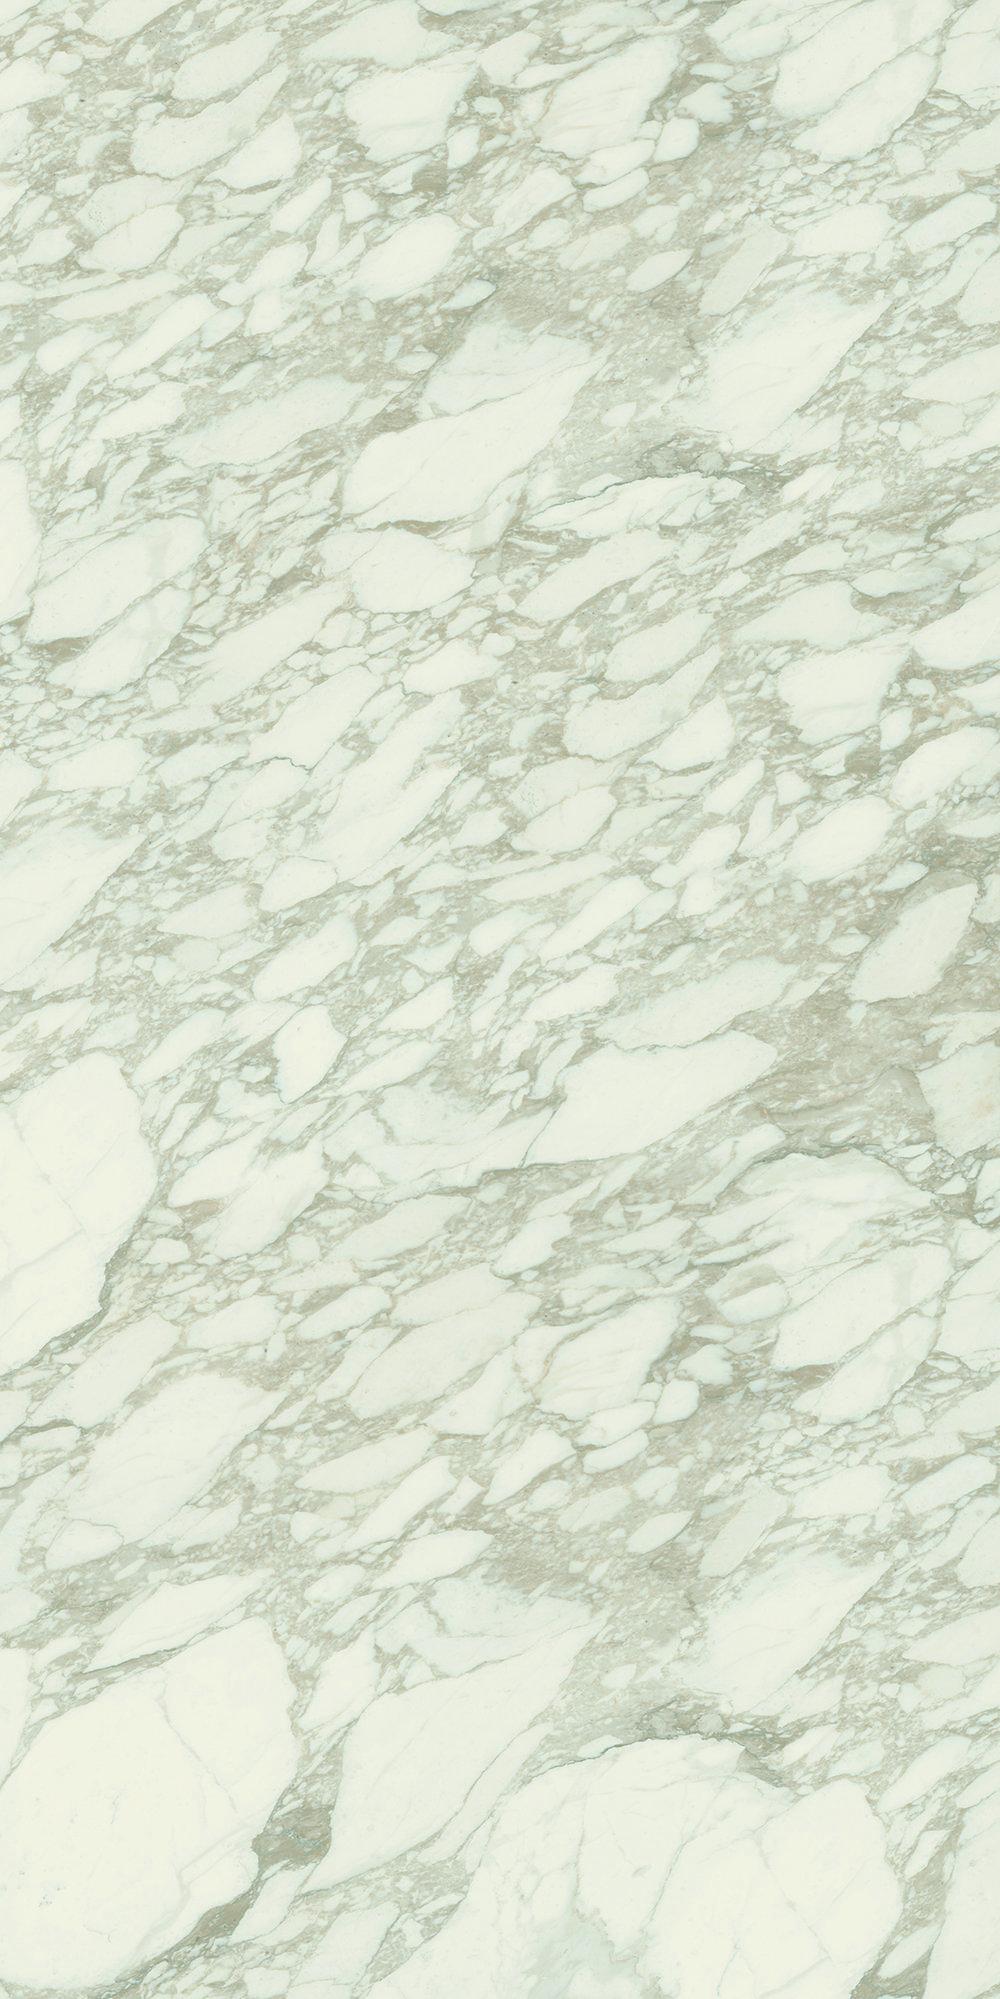 Calacatta - Thin Porcelain